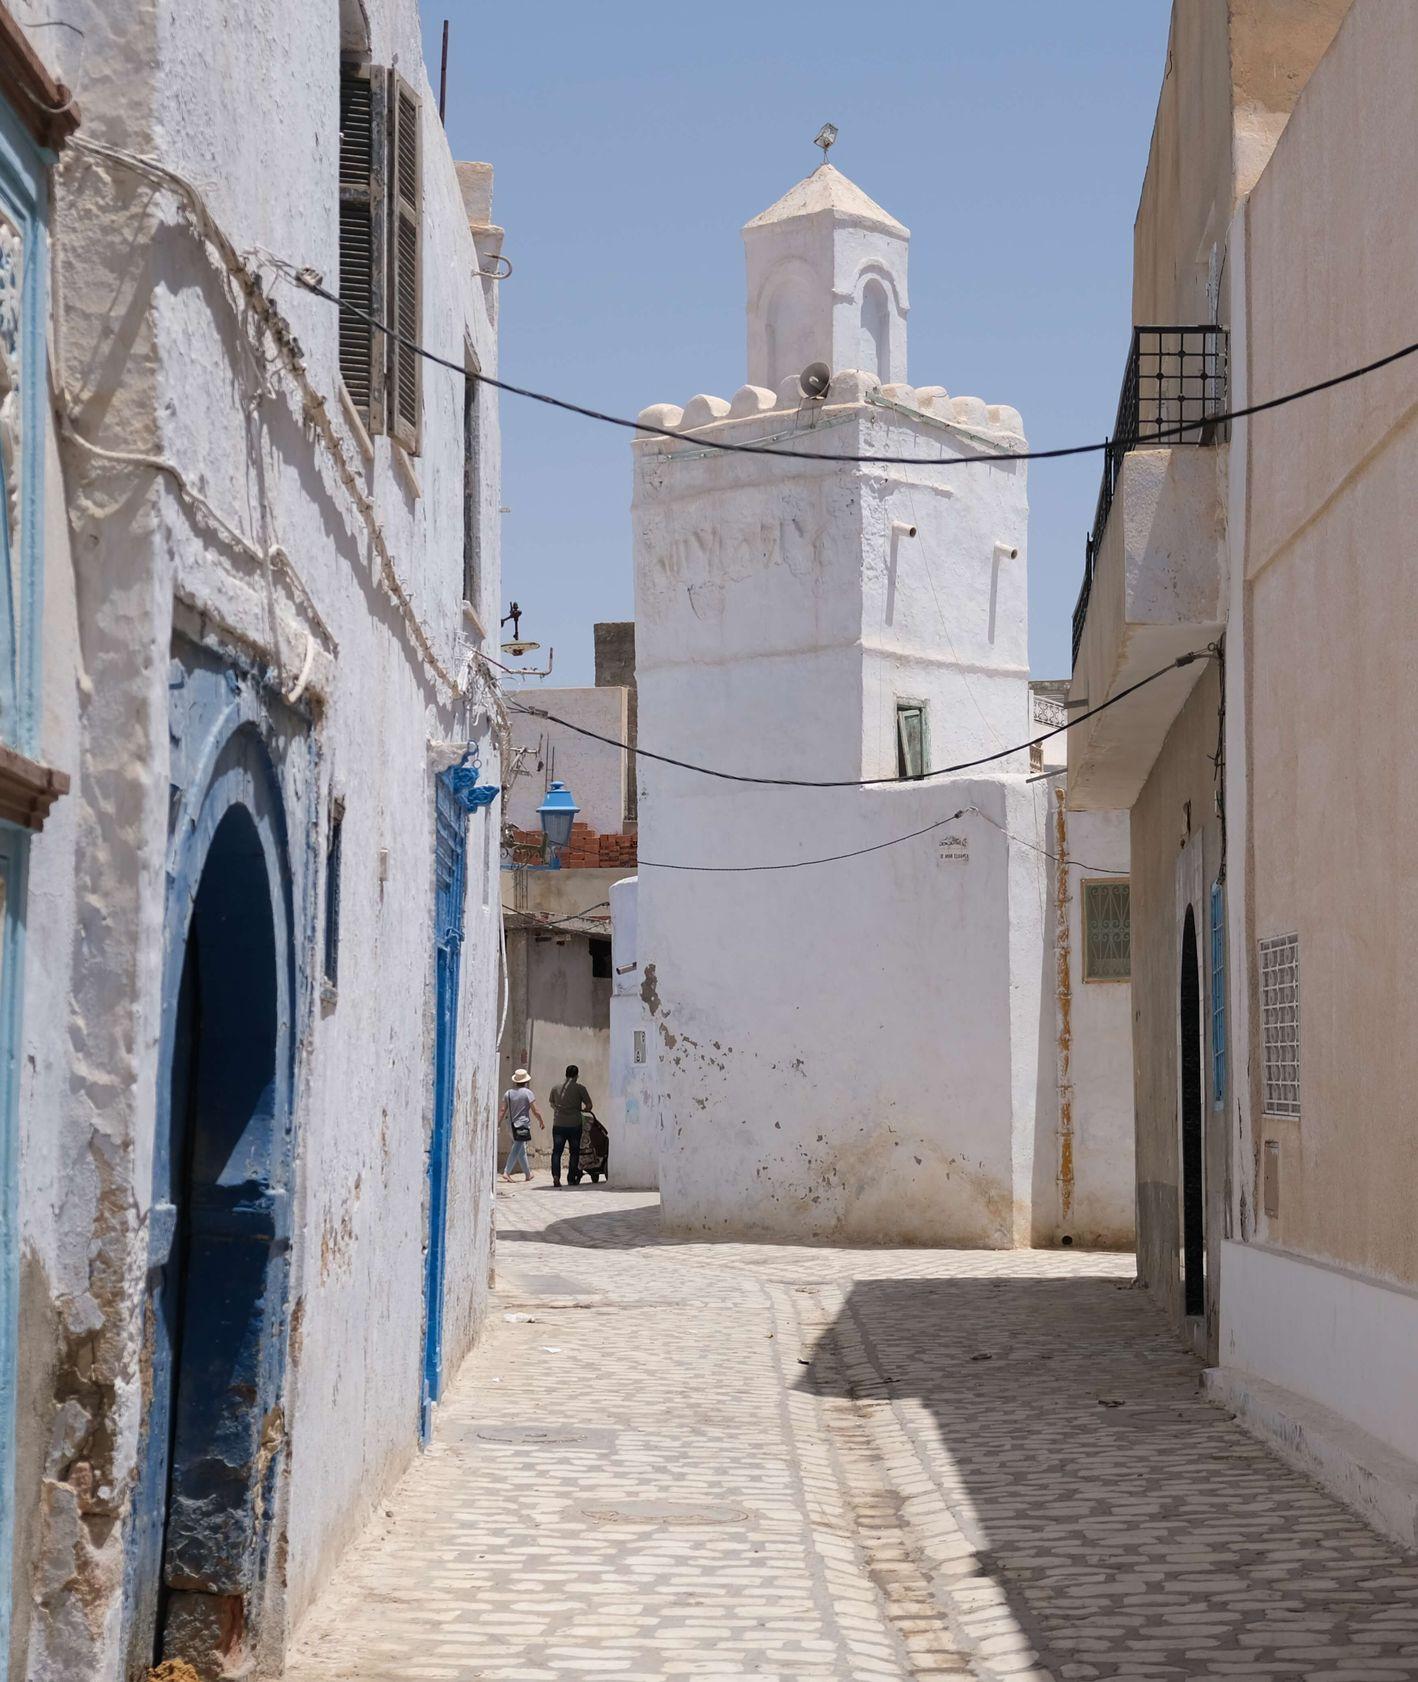 Tunezja. Uliczki miasta Kairouan